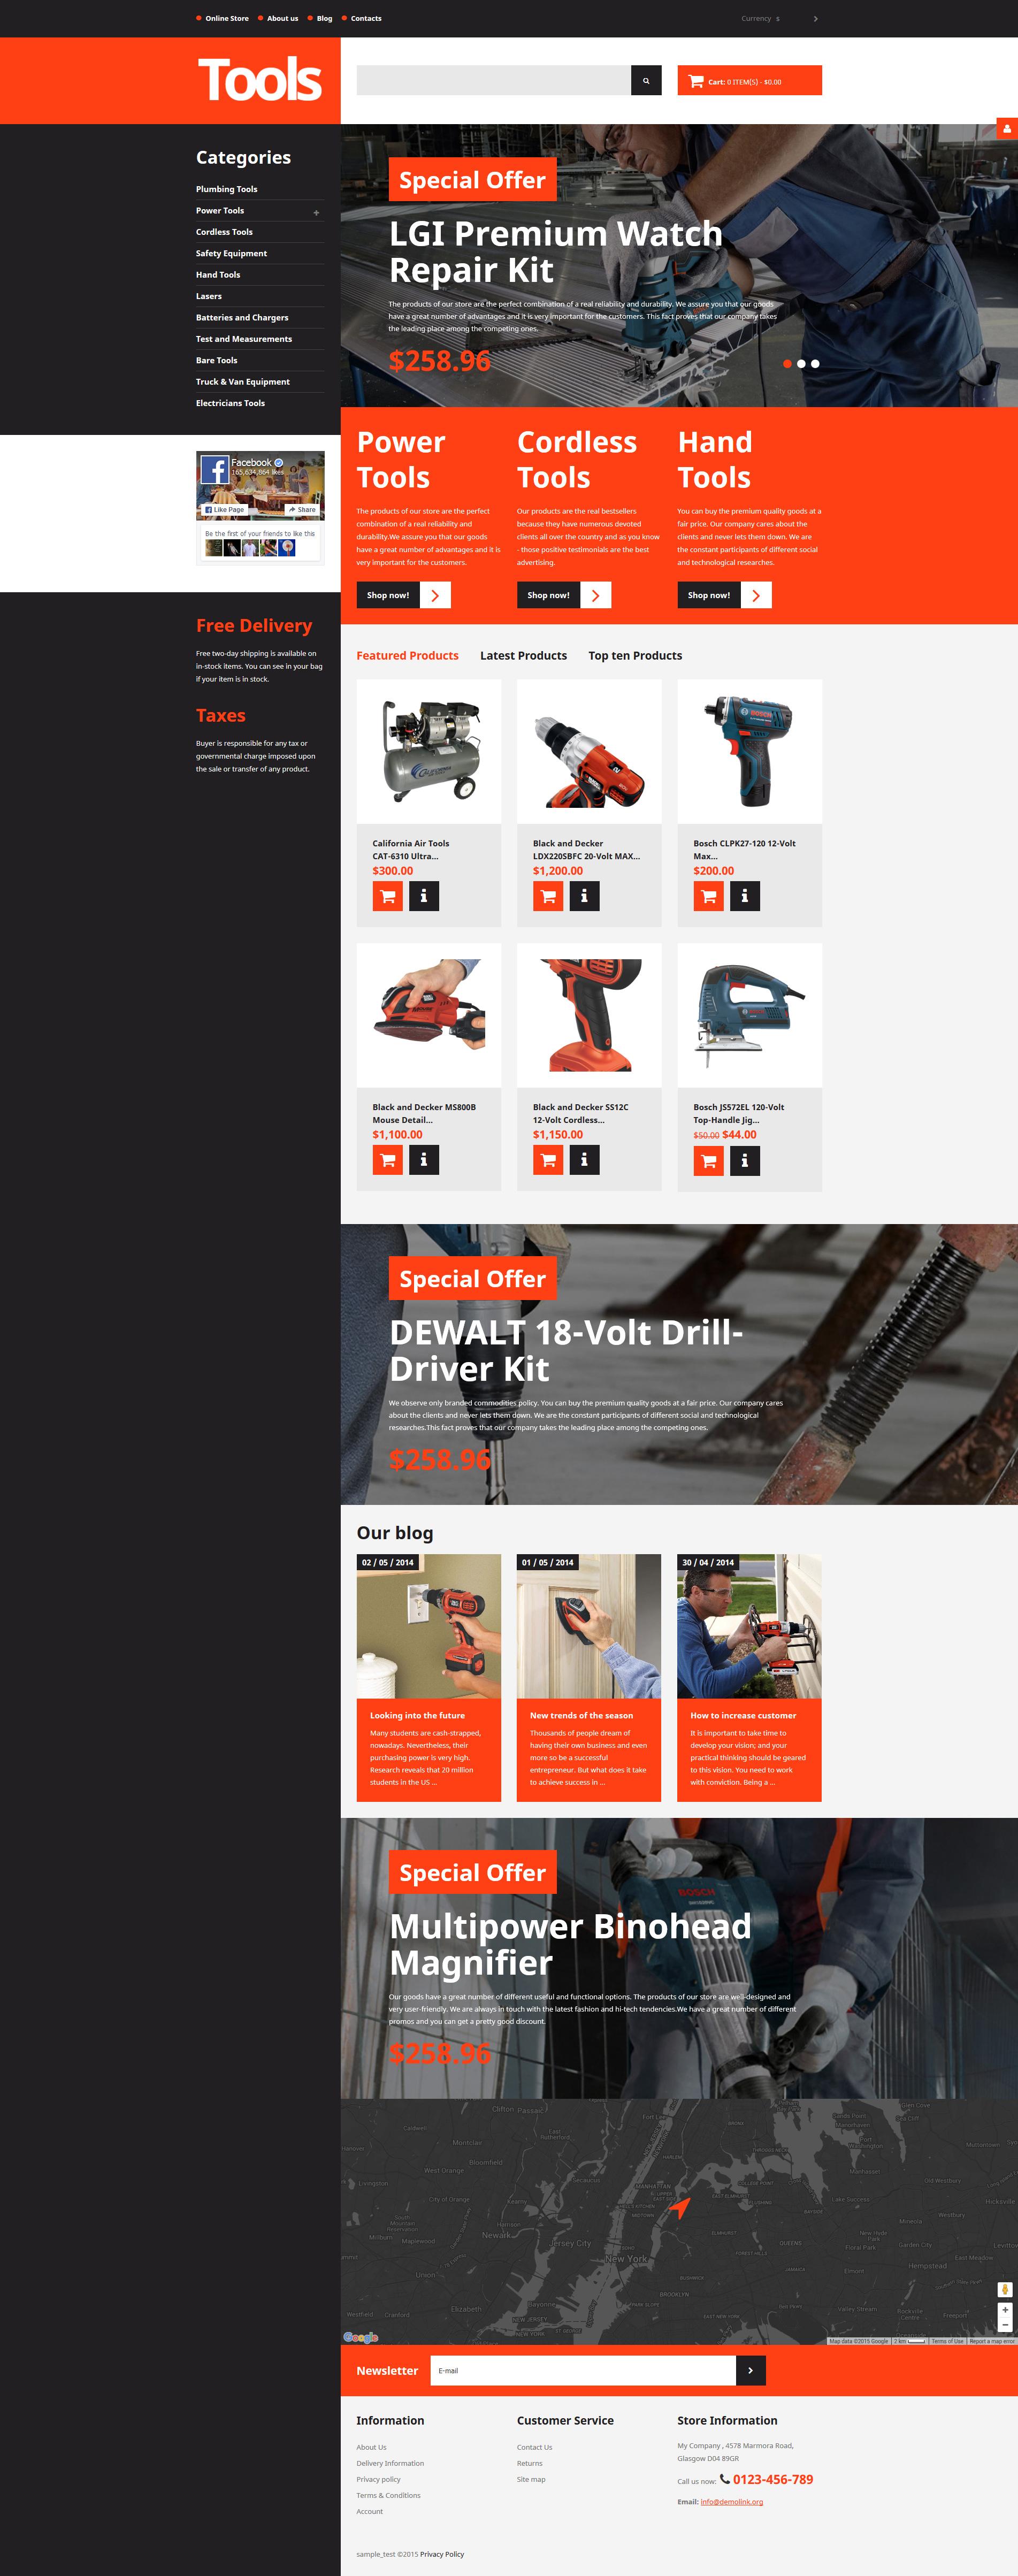 VirtueMart шаблон №57710 на тему инструменты и оборудование - скриншот